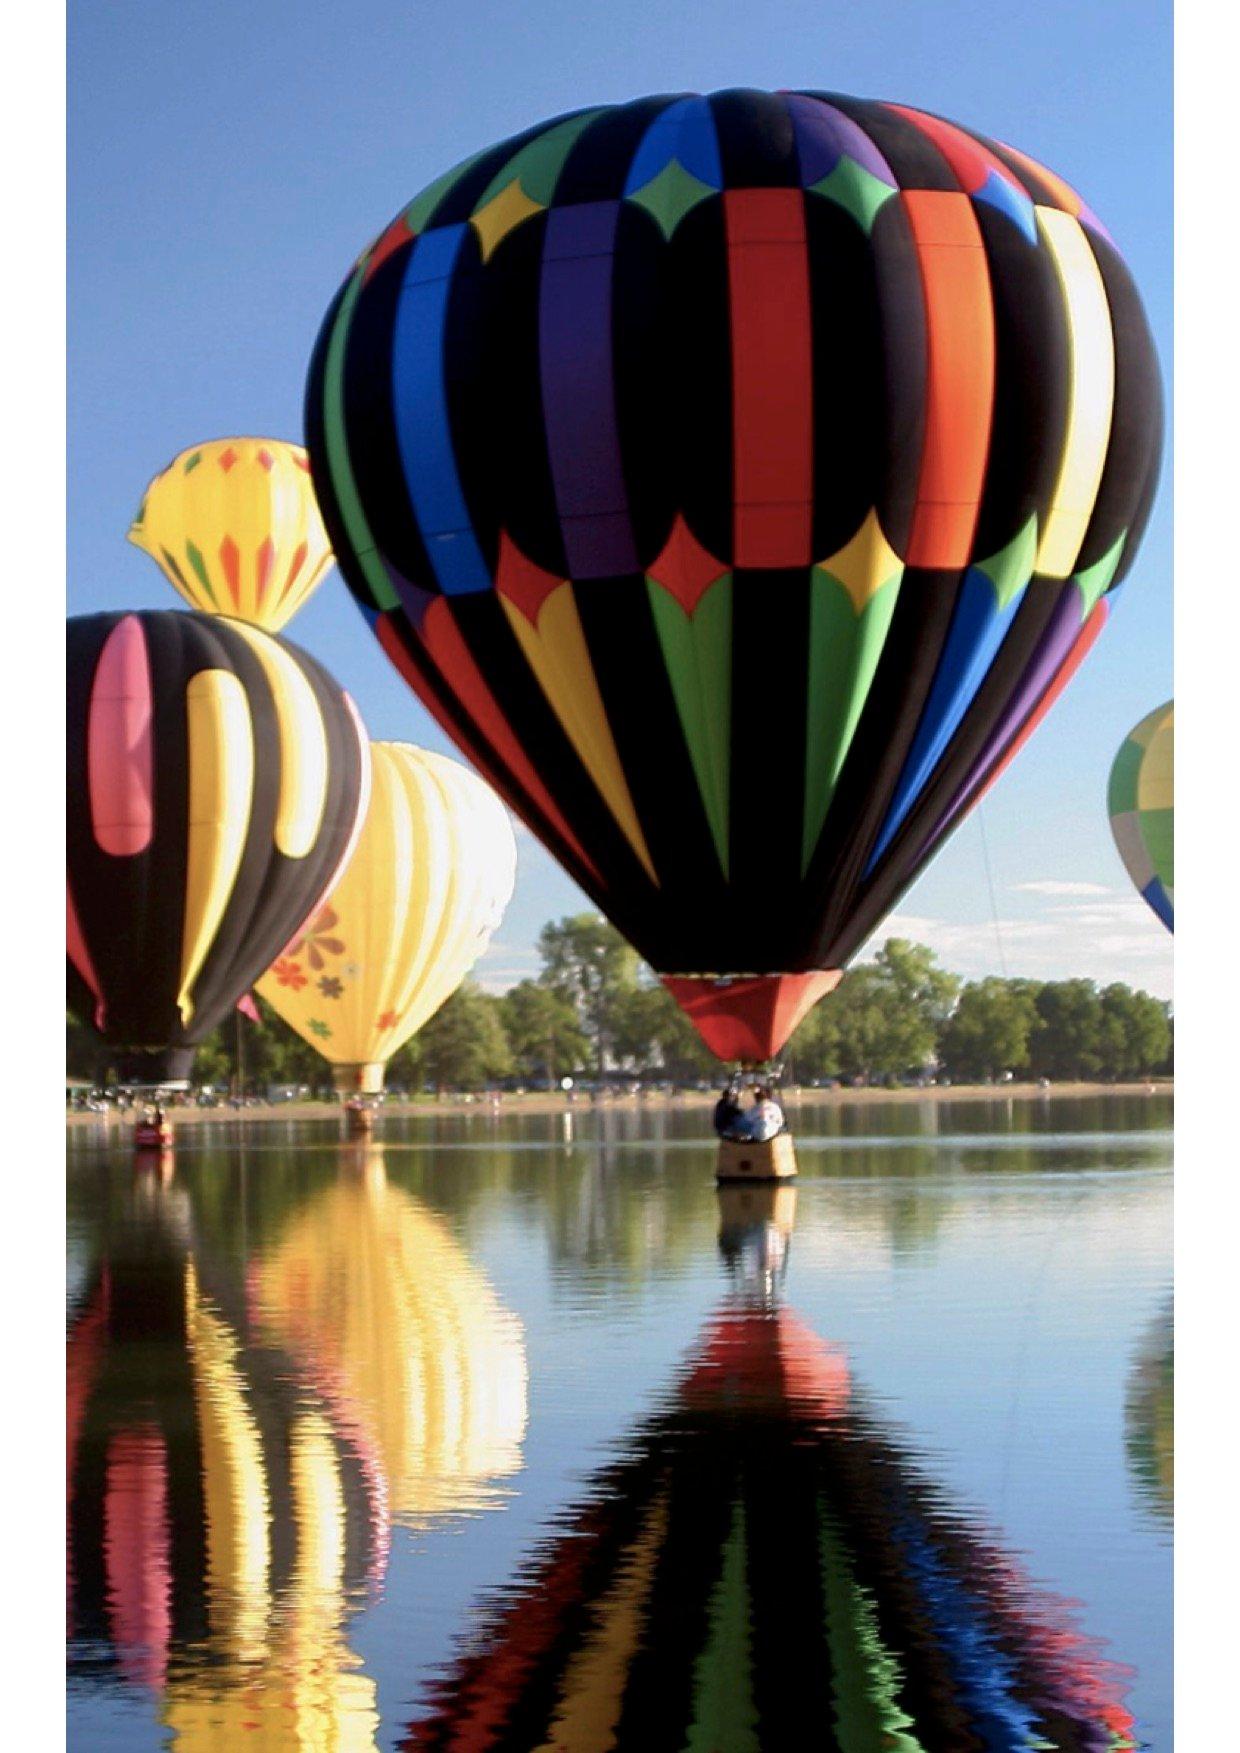 Far volare il potenziale turistico